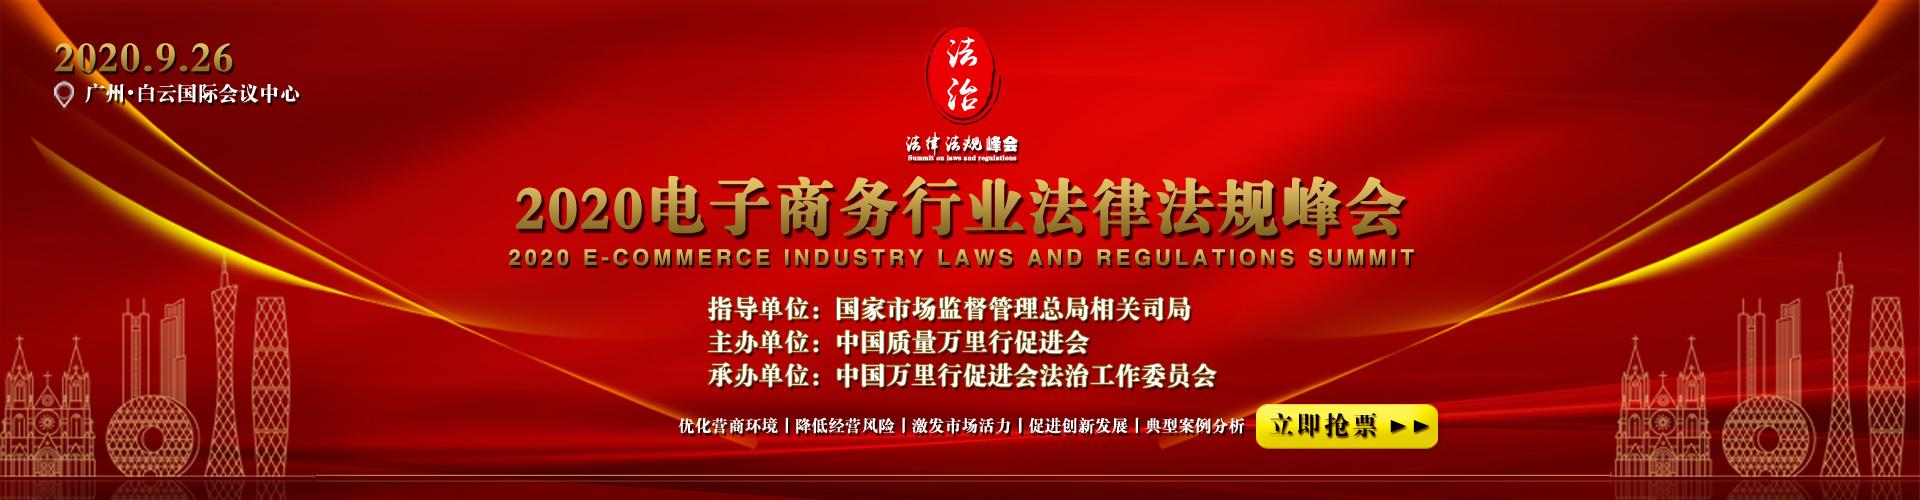 2020电子商务行业法律法规峰会